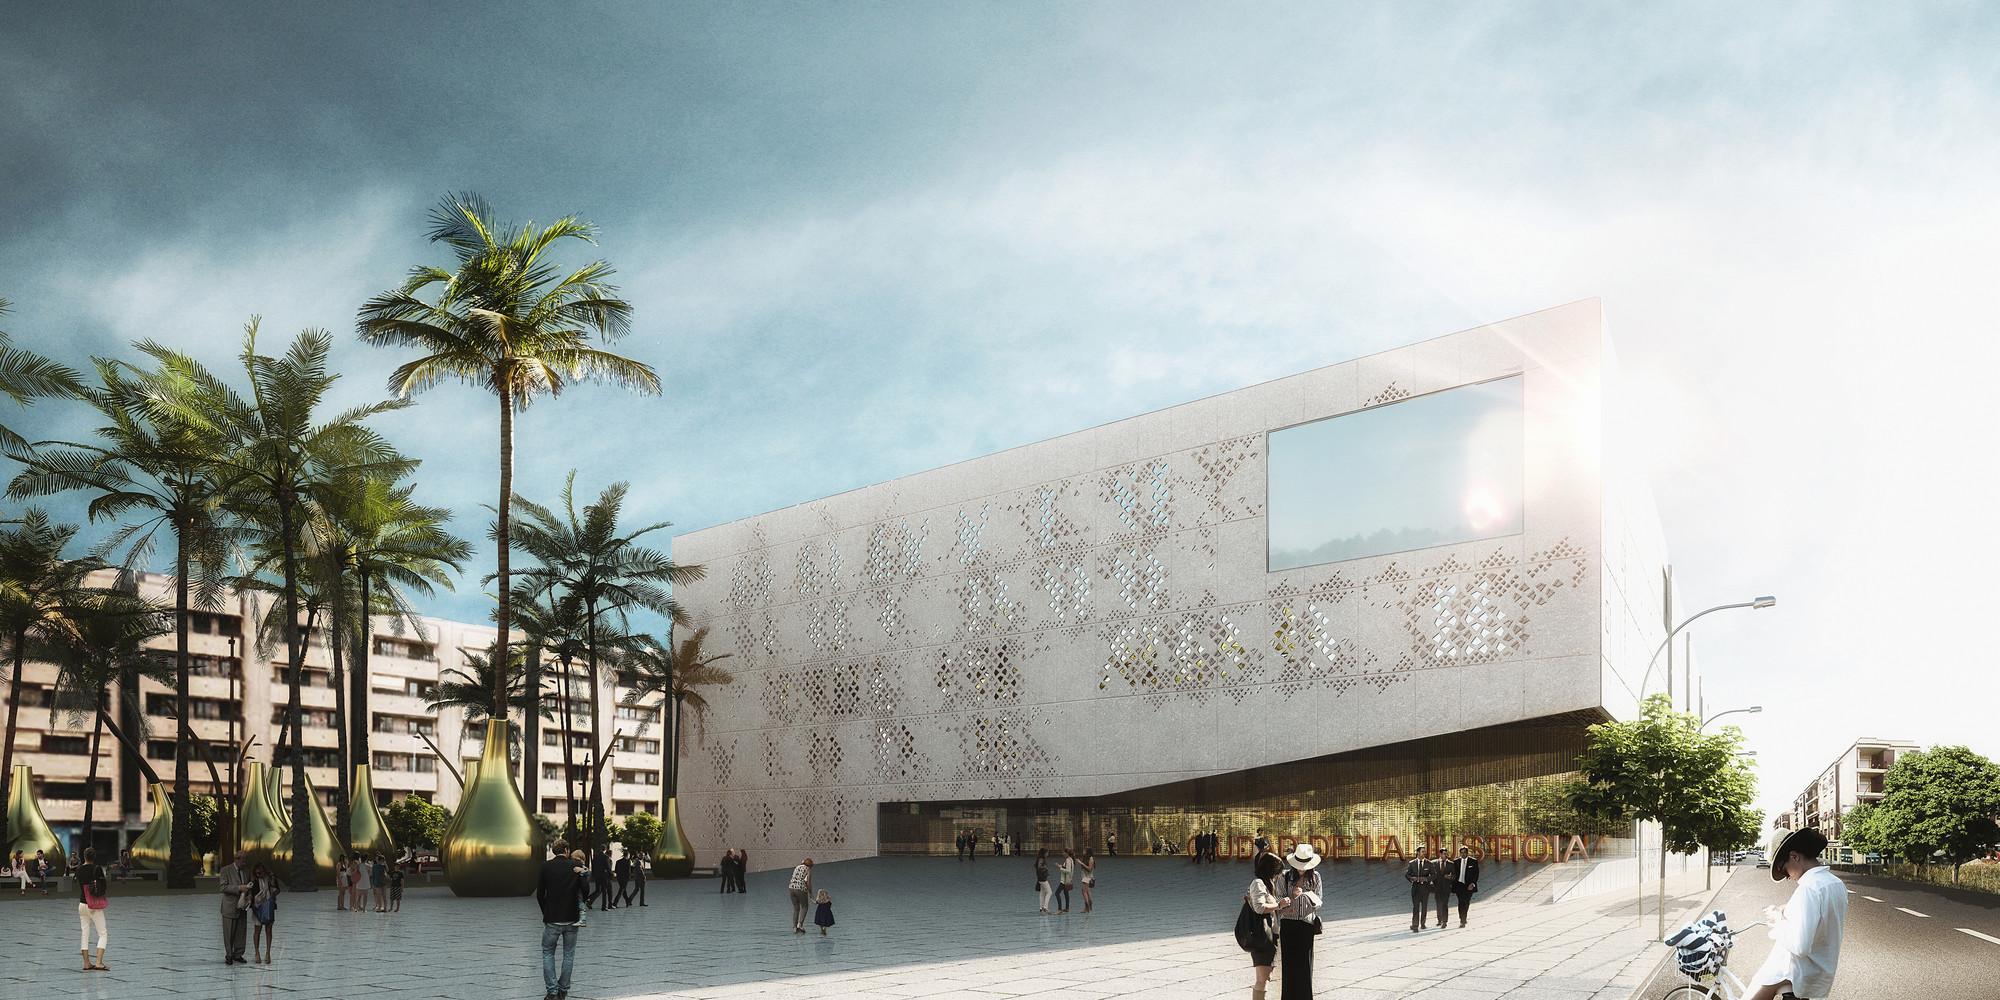 Iniciadas as obras do Palácio de Justiça de Córdoba projetado pelo Mecanoo, Cortesia de Mecanoo